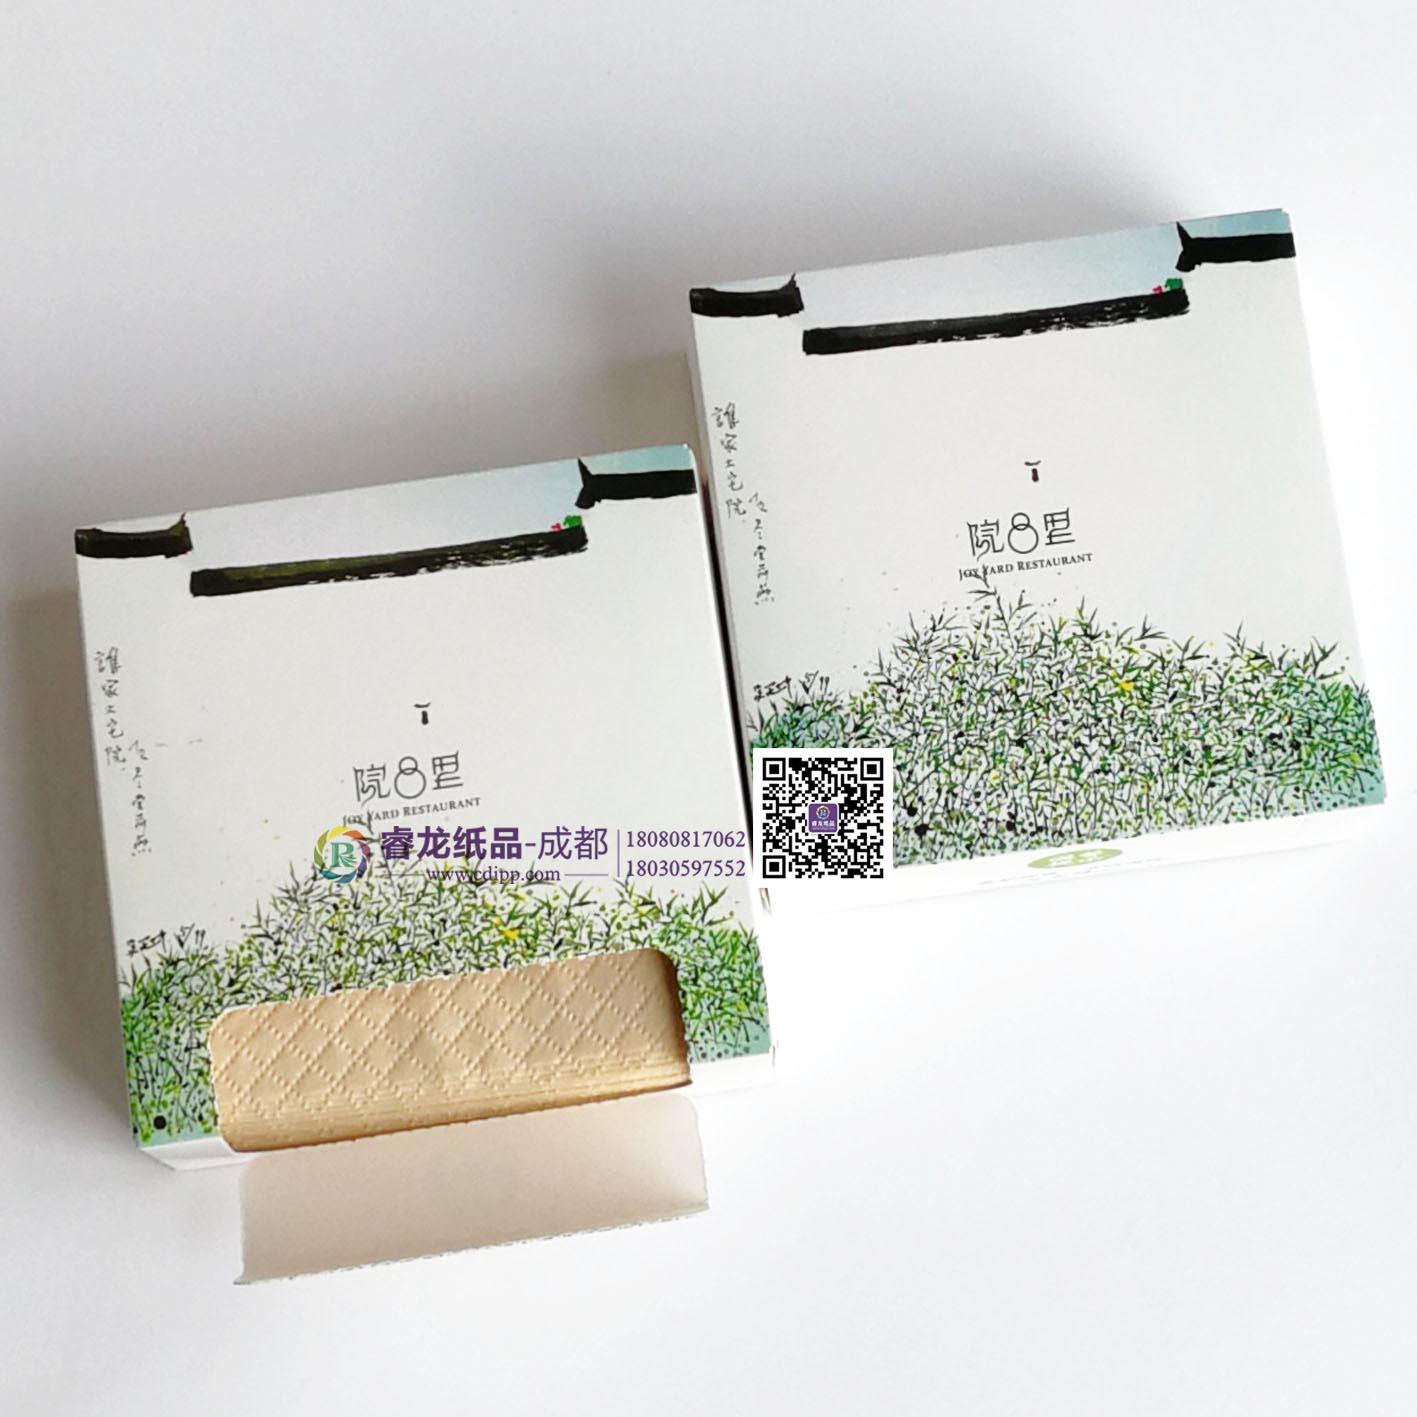 院8里中餐盒装餐巾纸❦咨询180:3059:7552☎